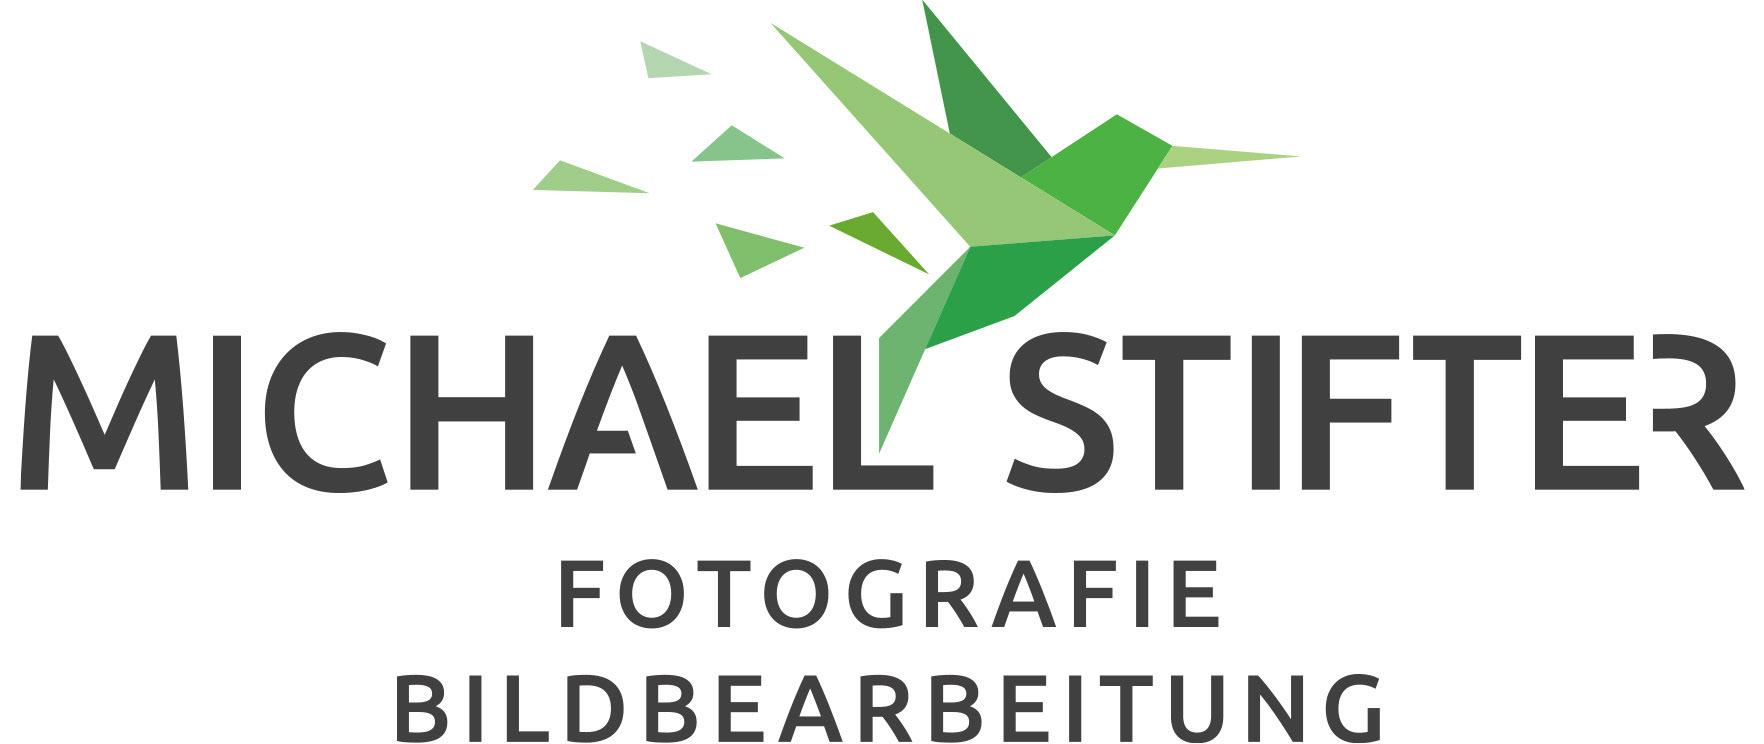 Michael Stifter - Fotografie & Bildbearbeitung